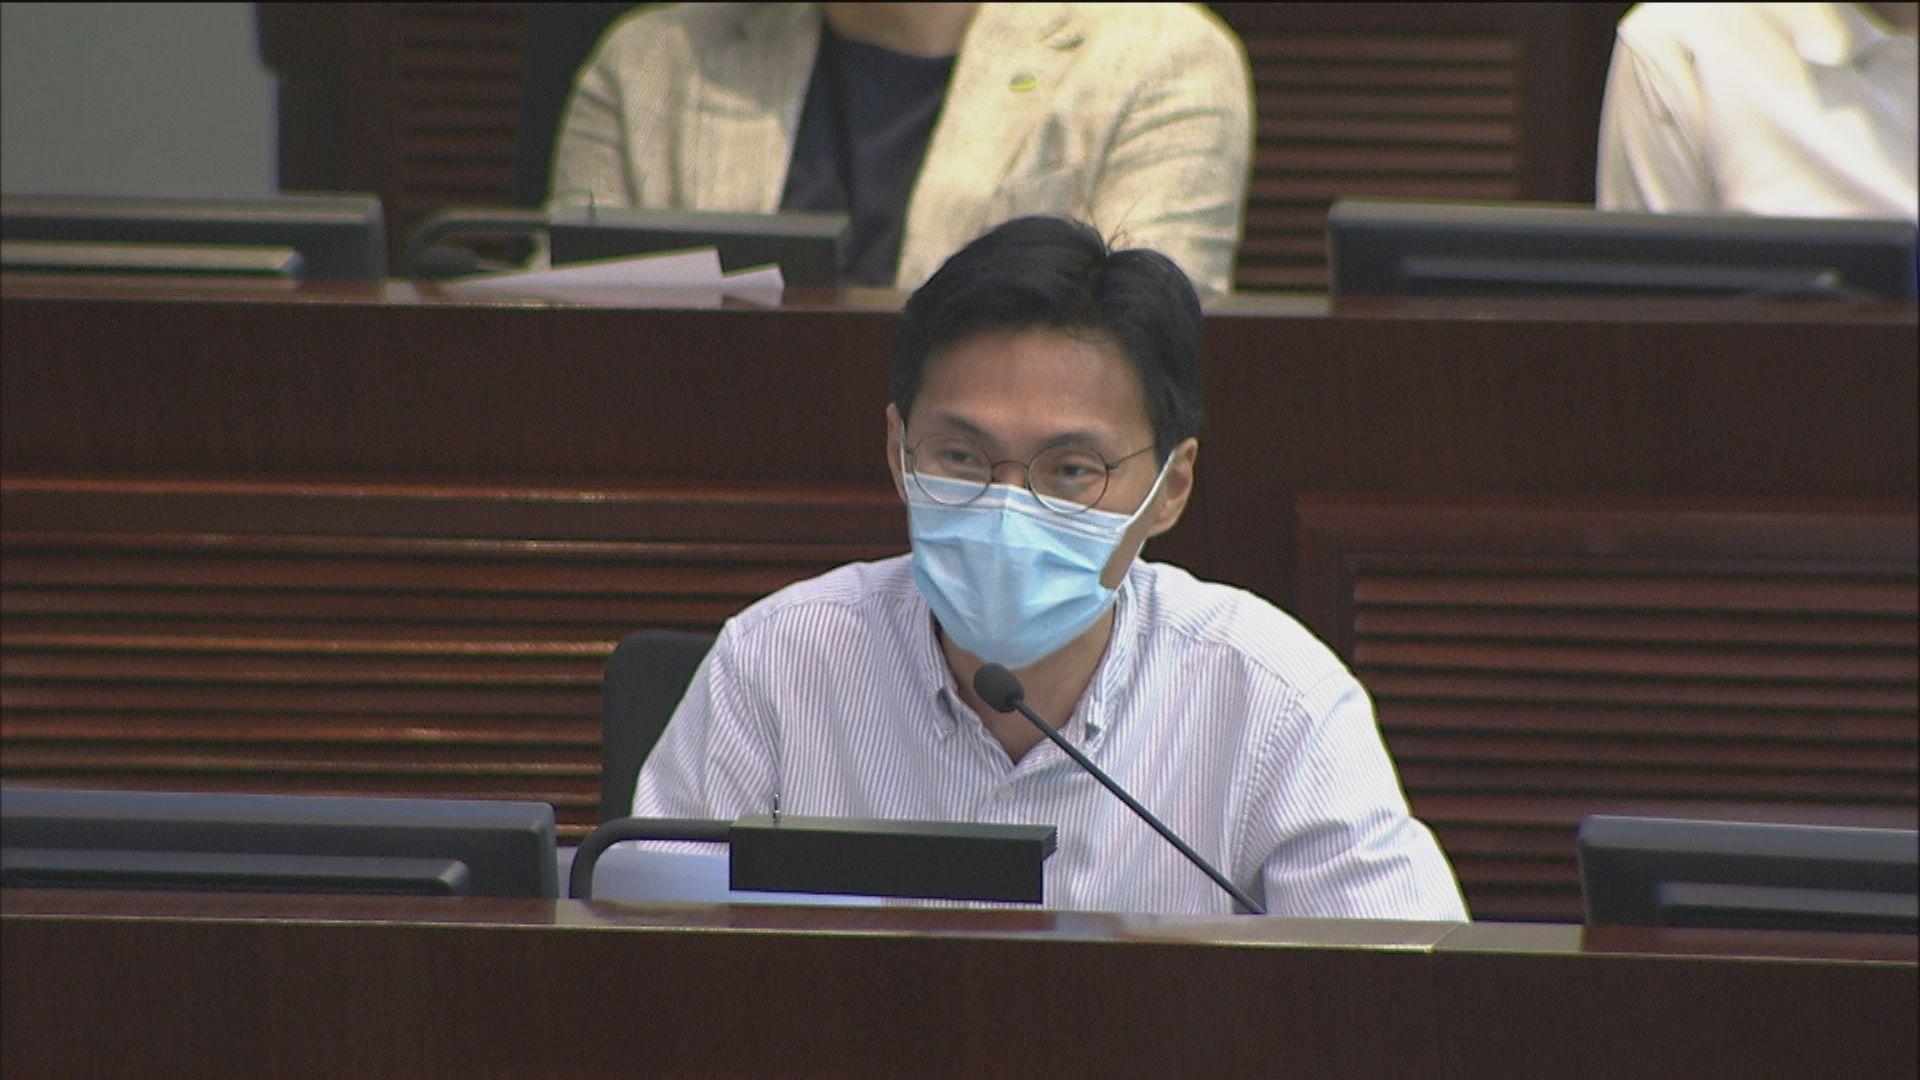 次輪防疫基金撥款 朱凱廸提中止待續議案要求修補漏洞